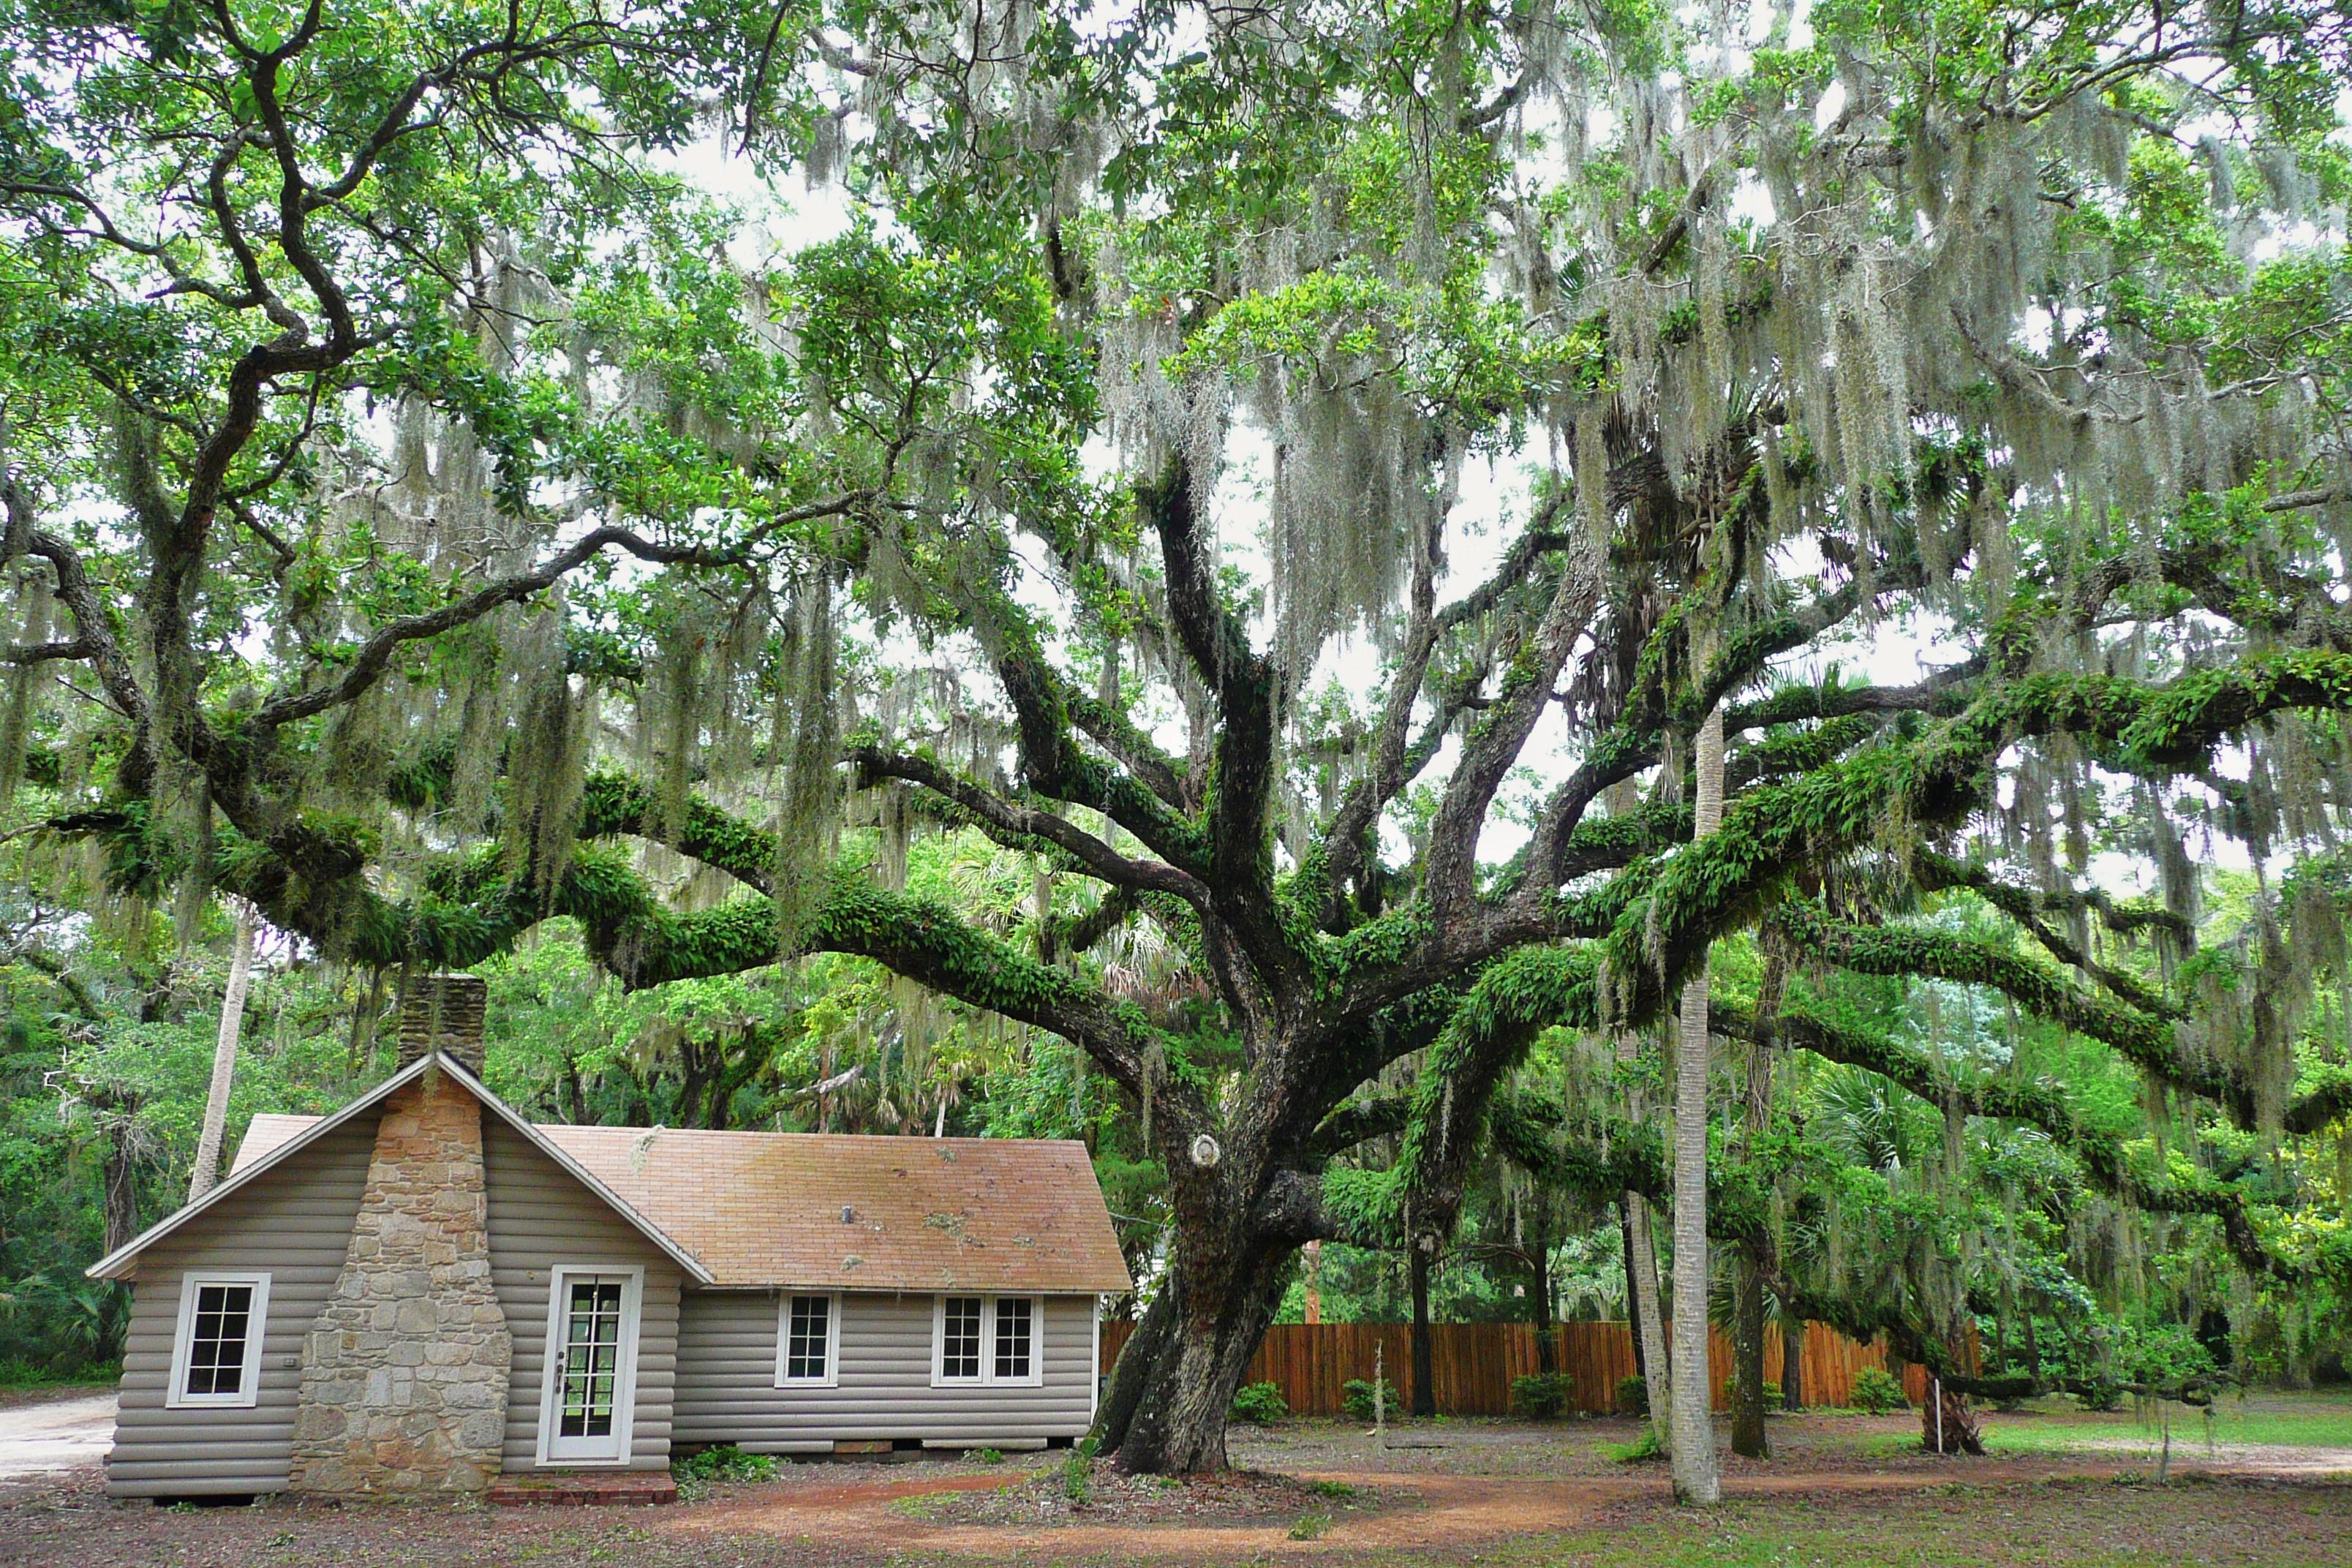 Washington Oaks Gardens State Park - Wikiwand